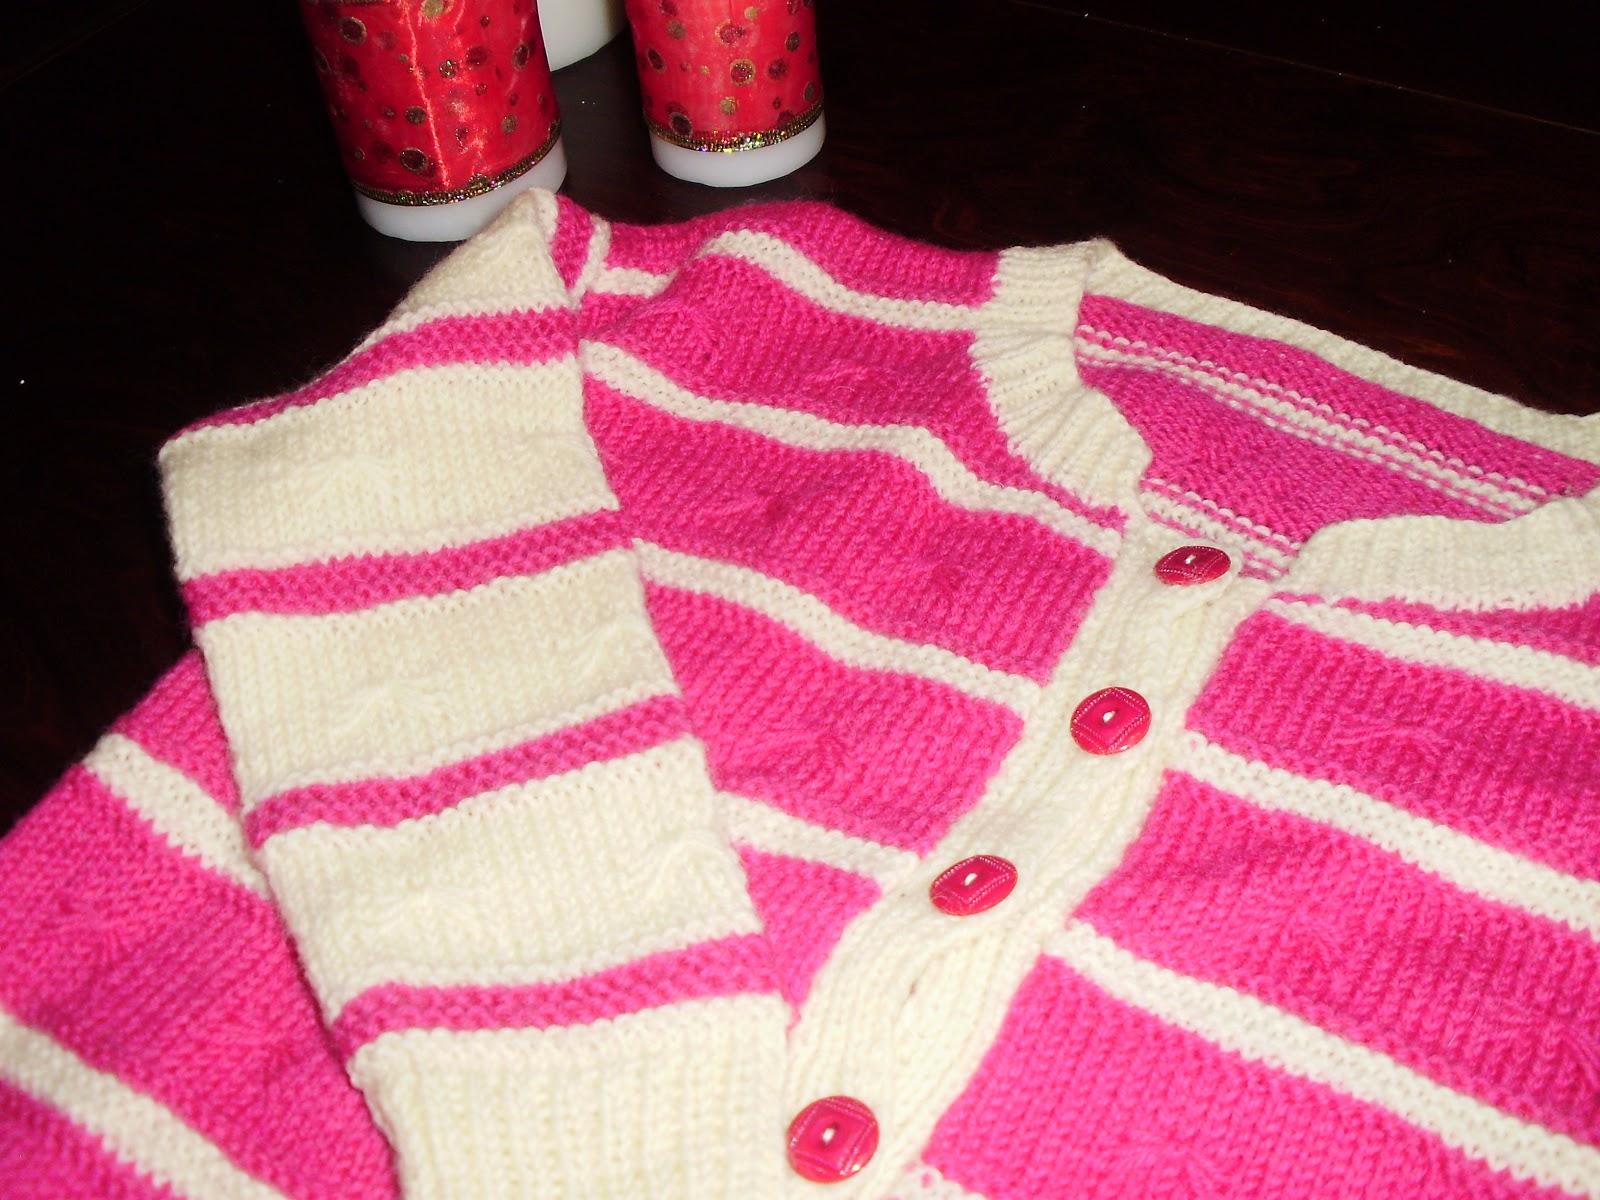 fd3ac21a37e Χειροποίητη πλεκτή παιδική ζακέτα μάλλινη σε διχρωμία ροζ-άσπρου για  κοριτσάκια